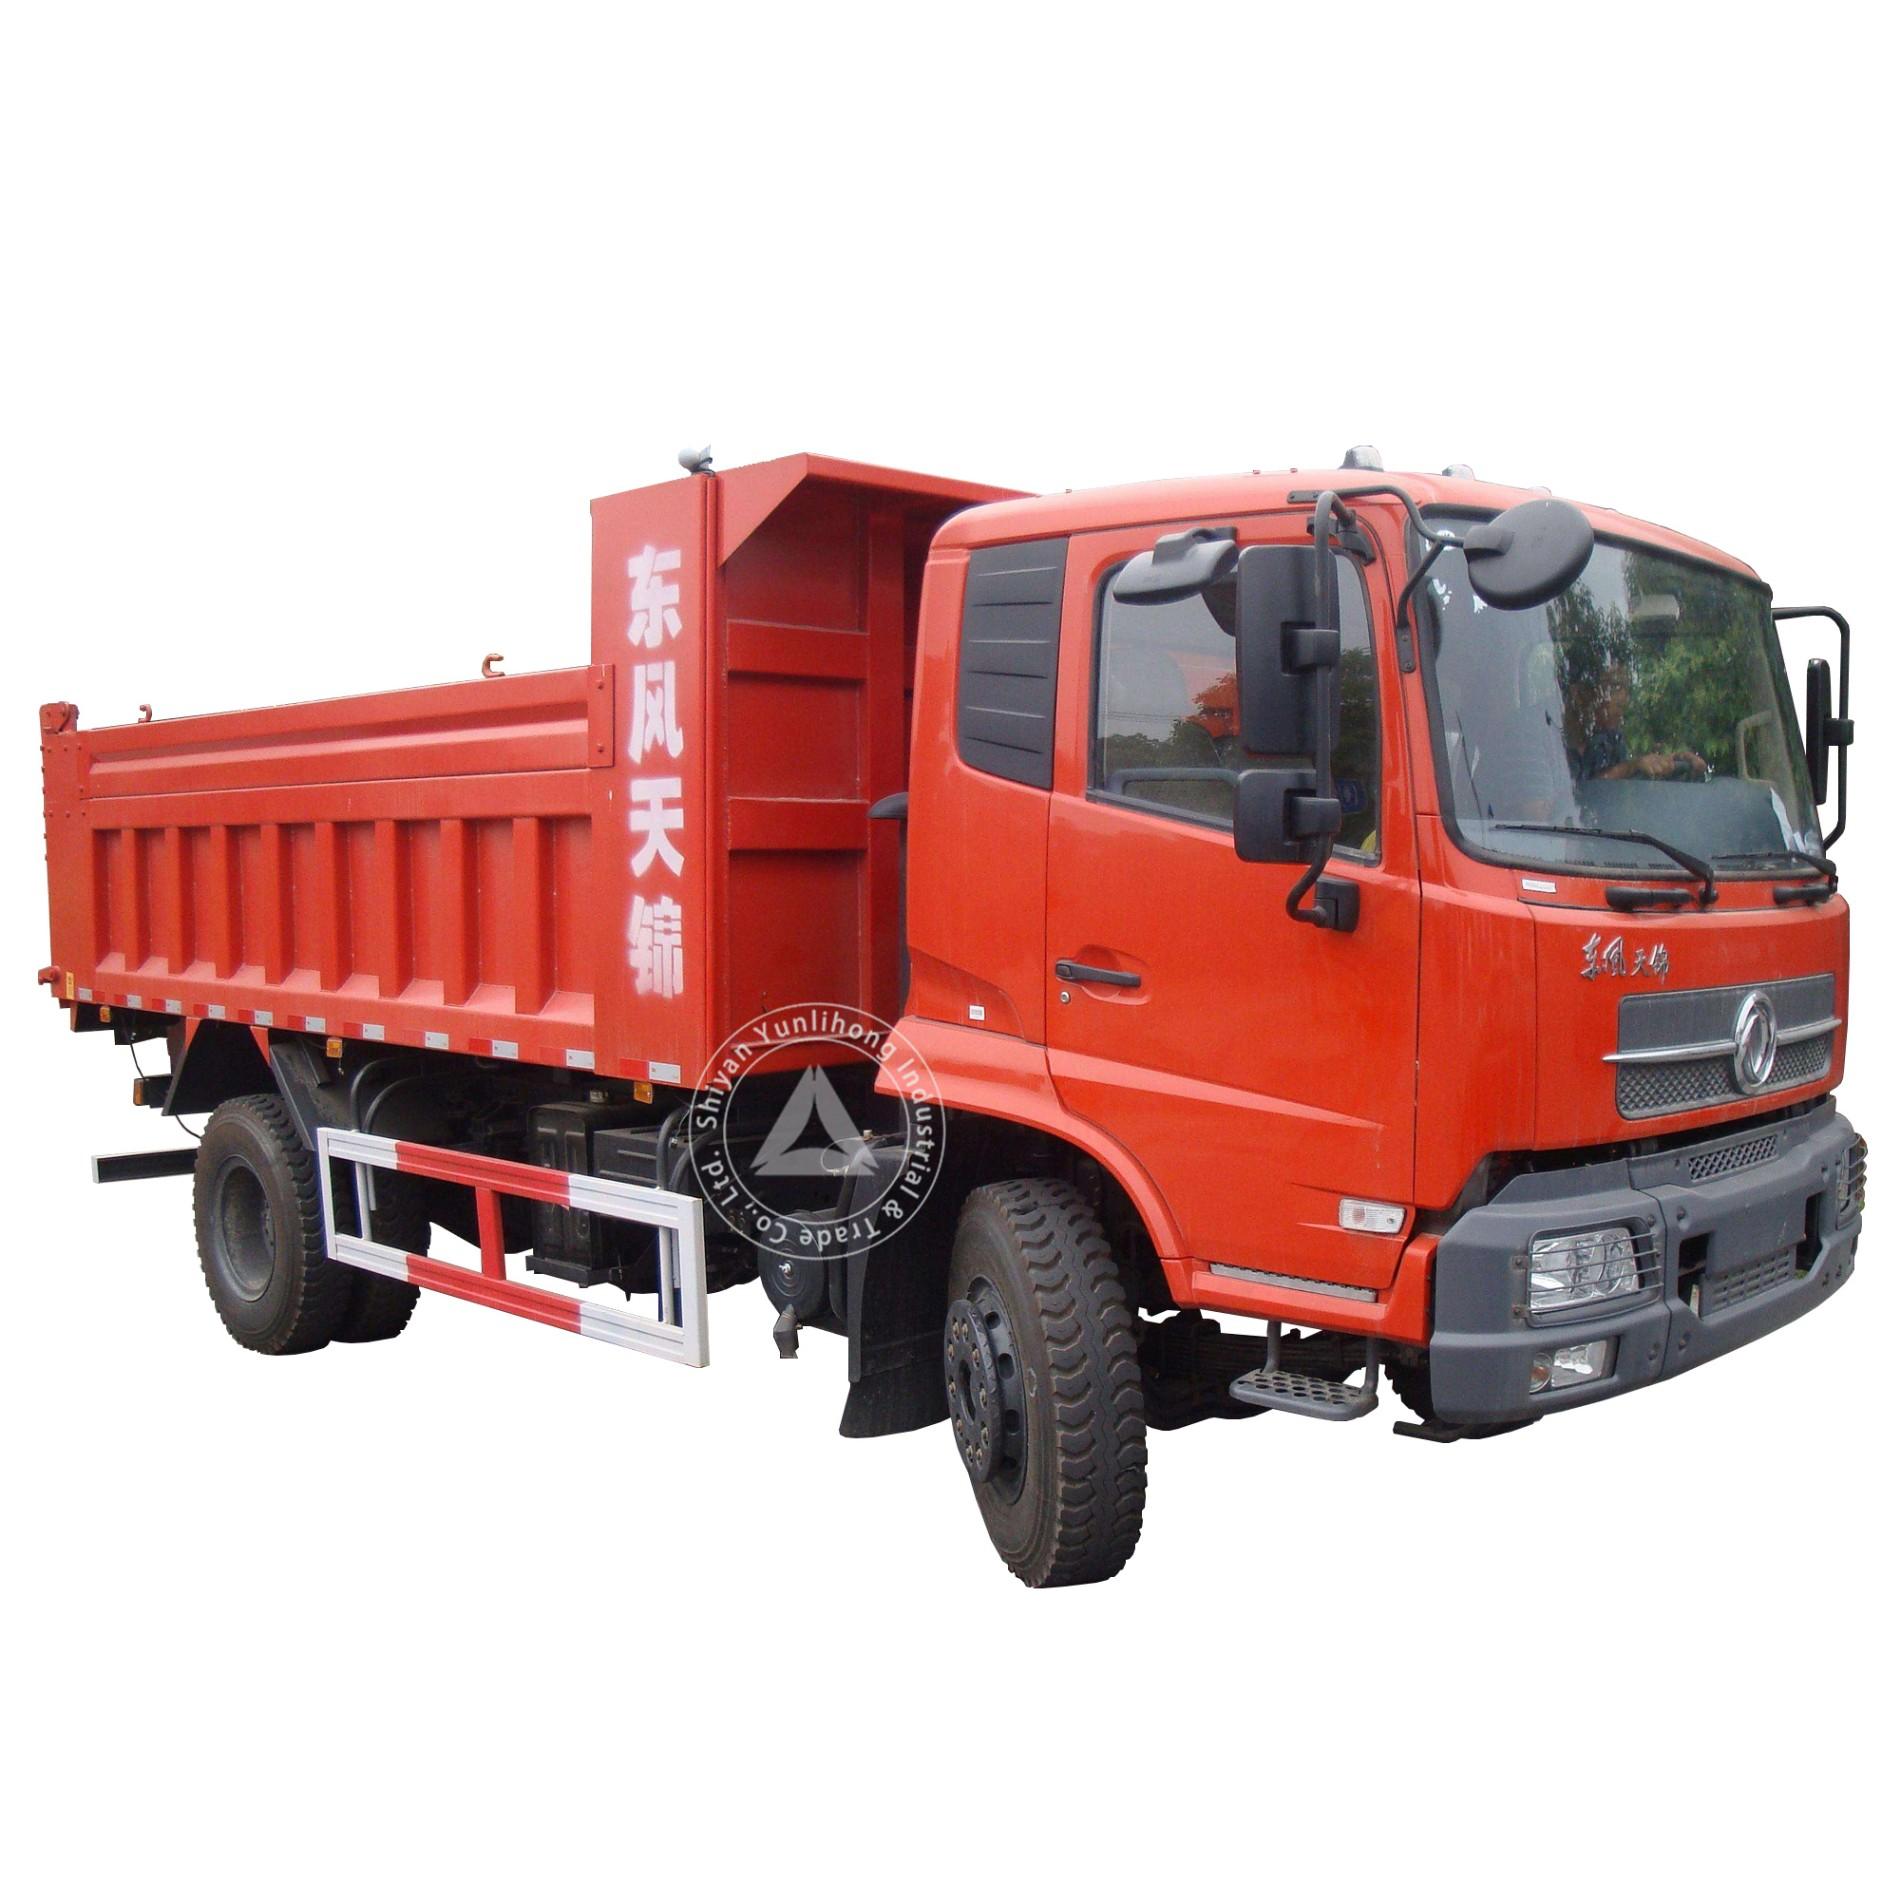 खरीदने के लिए डोंगफेंग केआर 4x2 240hp जीवीडब्ल्यू 19 टन 9 एम 3 से 11 एम 3 डंप ट्रक,डोंगफेंग केआर 4x2 240hp जीवीडब्ल्यू 19 टन 9 एम 3 से 11 एम 3 डंप ट्रक दाम,डोंगफेंग केआर 4x2 240hp जीवीडब्ल्यू 19 टन 9 एम 3 से 11 एम 3 डंप ट्रक ब्रांड,डोंगफेंग केआर 4x2 240hp जीवीडब्ल्यू 19 टन 9 एम 3 से 11 एम 3 डंप ट्रक मैन्युफैक्चरर्स,डोंगफेंग केआर 4x2 240hp जीवीडब्ल्यू 19 टन 9 एम 3 से 11 एम 3 डंप ट्रक उद्धृत मूल्य,डोंगफेंग केआर 4x2 240hp जीवीडब्ल्यू 19 टन 9 एम 3 से 11 एम 3 डंप ट्रक कंपनी,